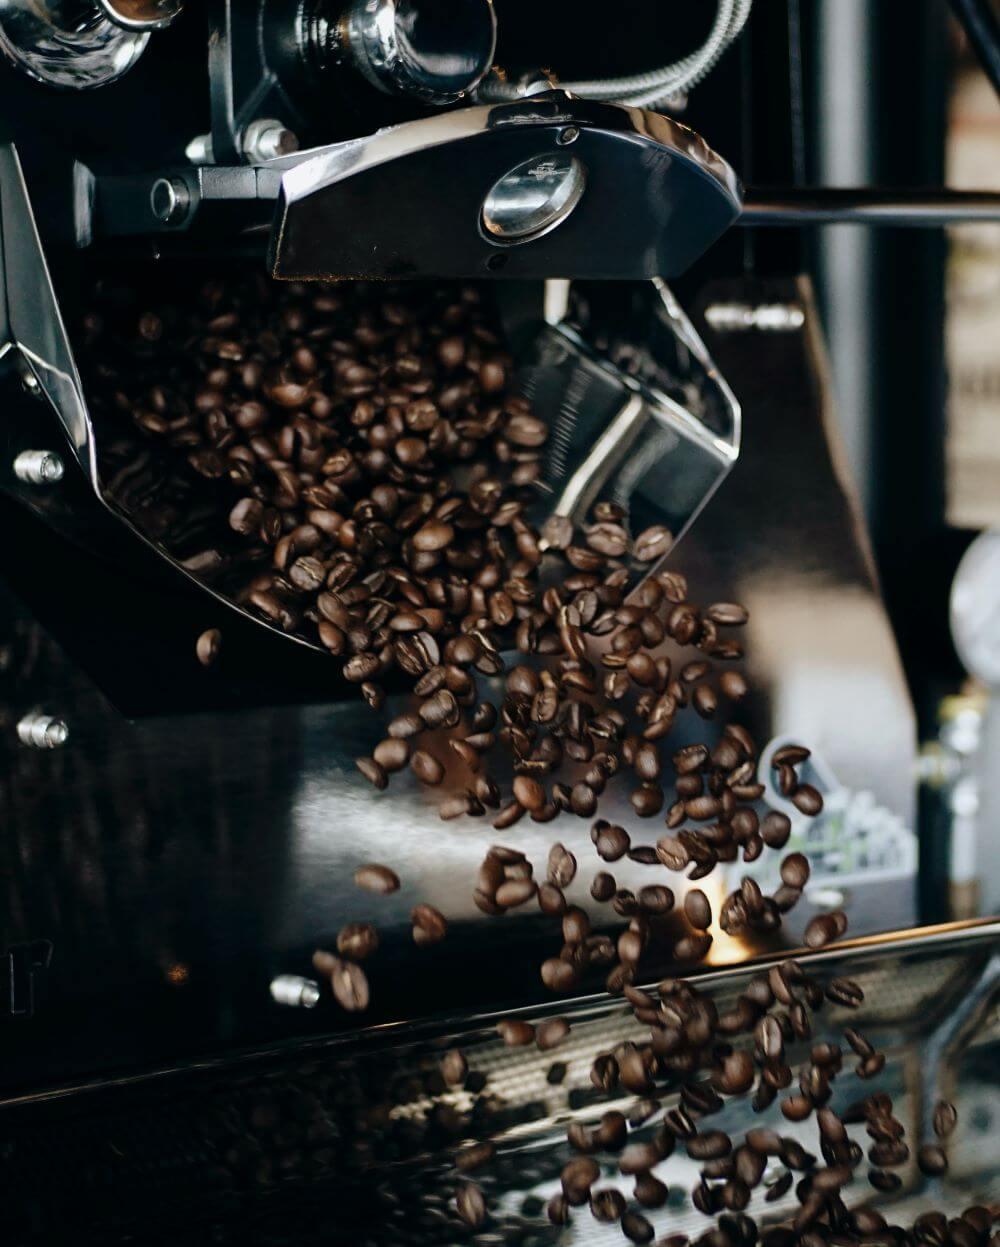 Kaffeeröstung von ganzen Bohnen